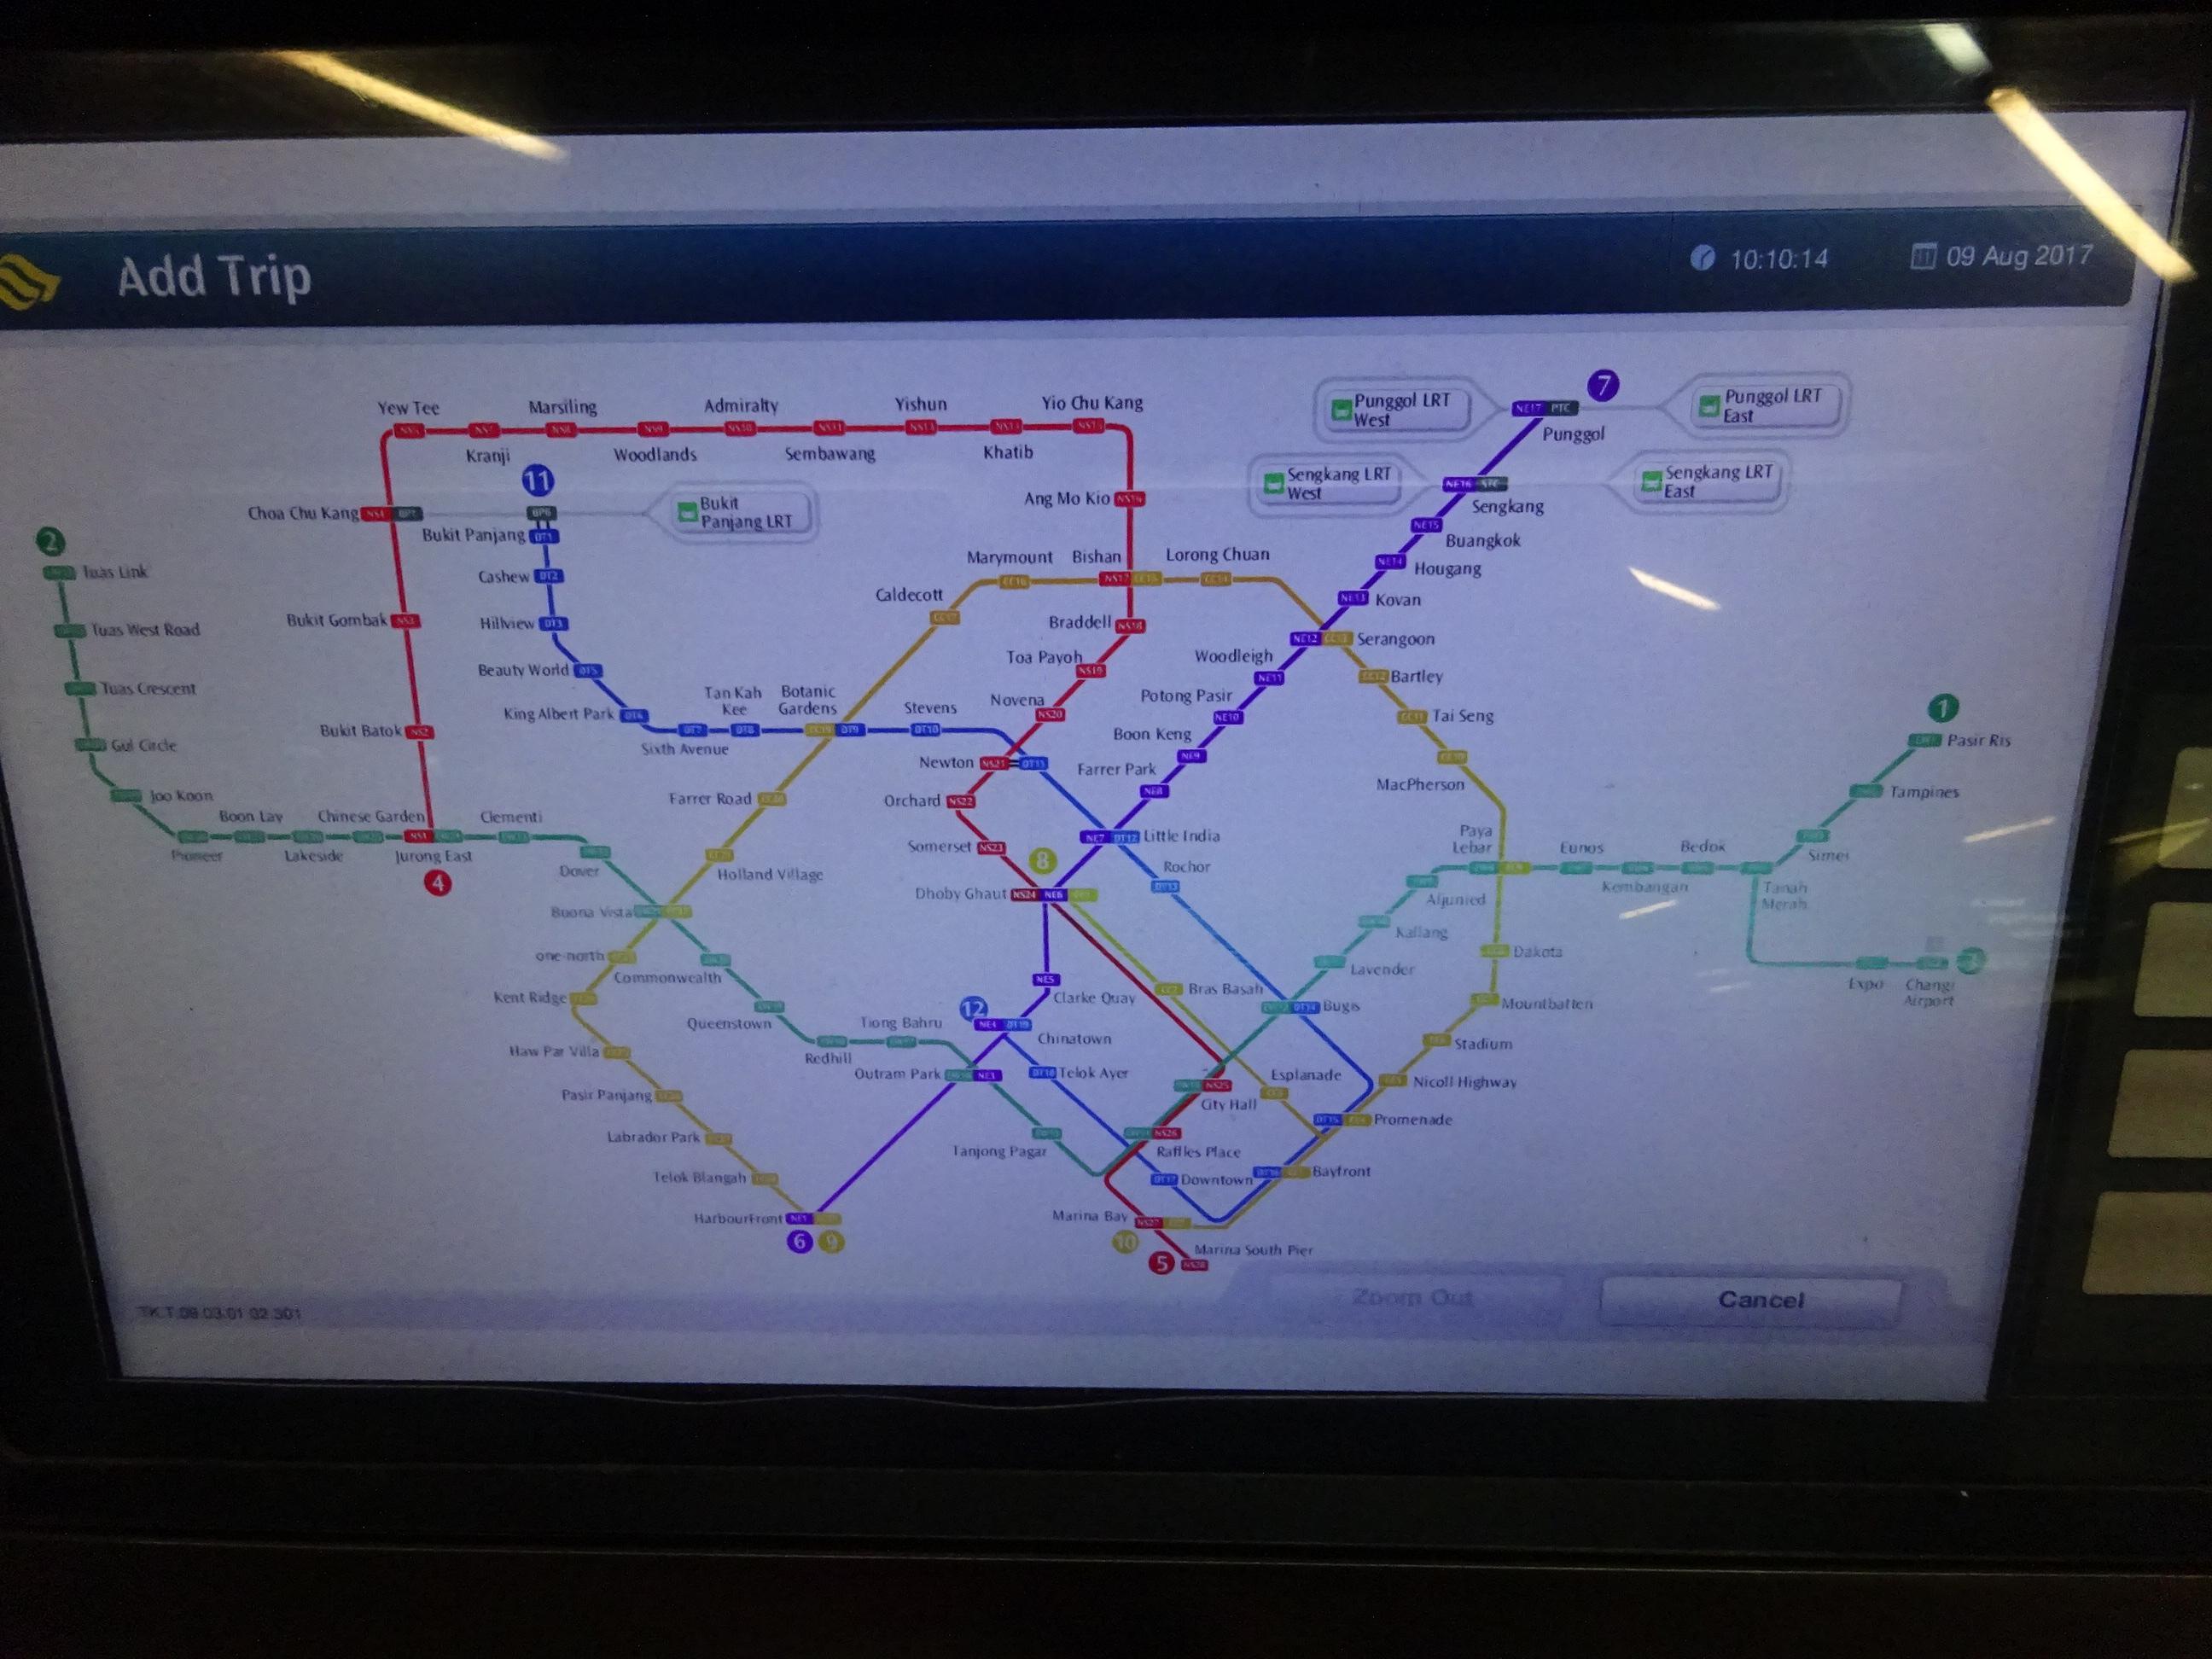 シンガポールの地下鉄の券売機「Map」の画面